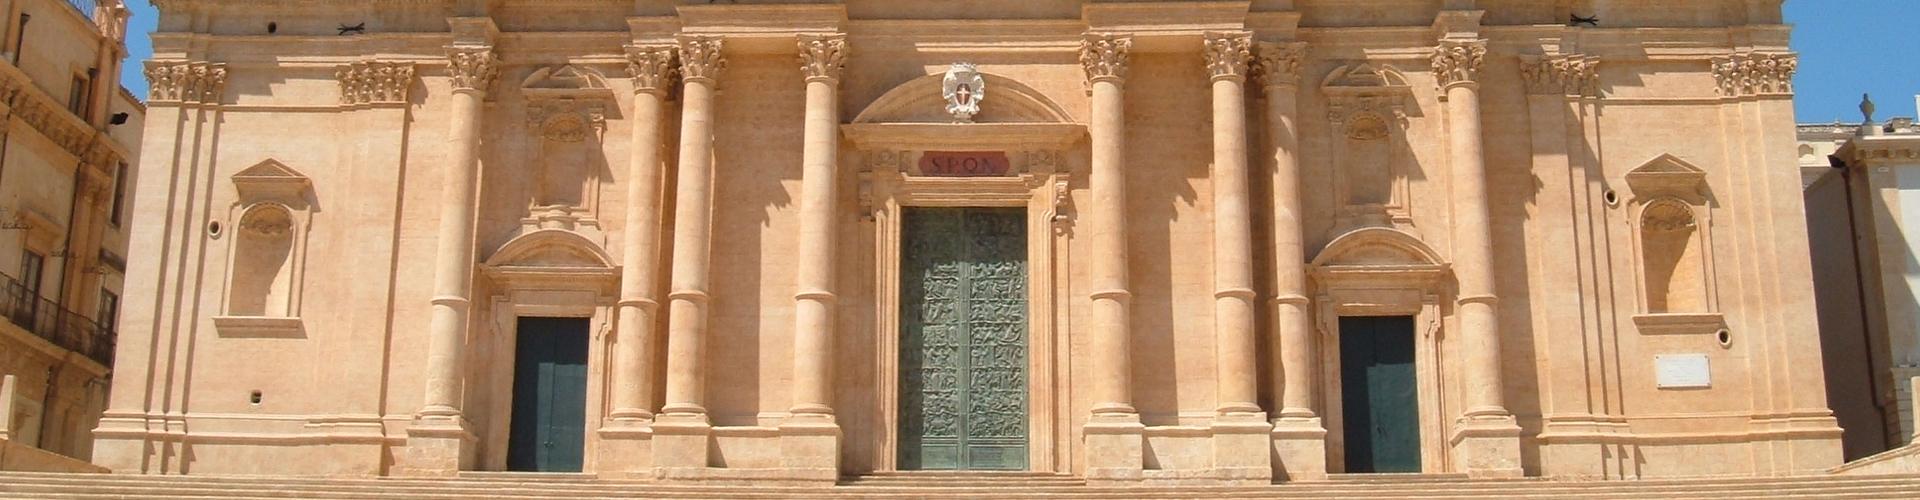 La cattedrale di Noto restaurata